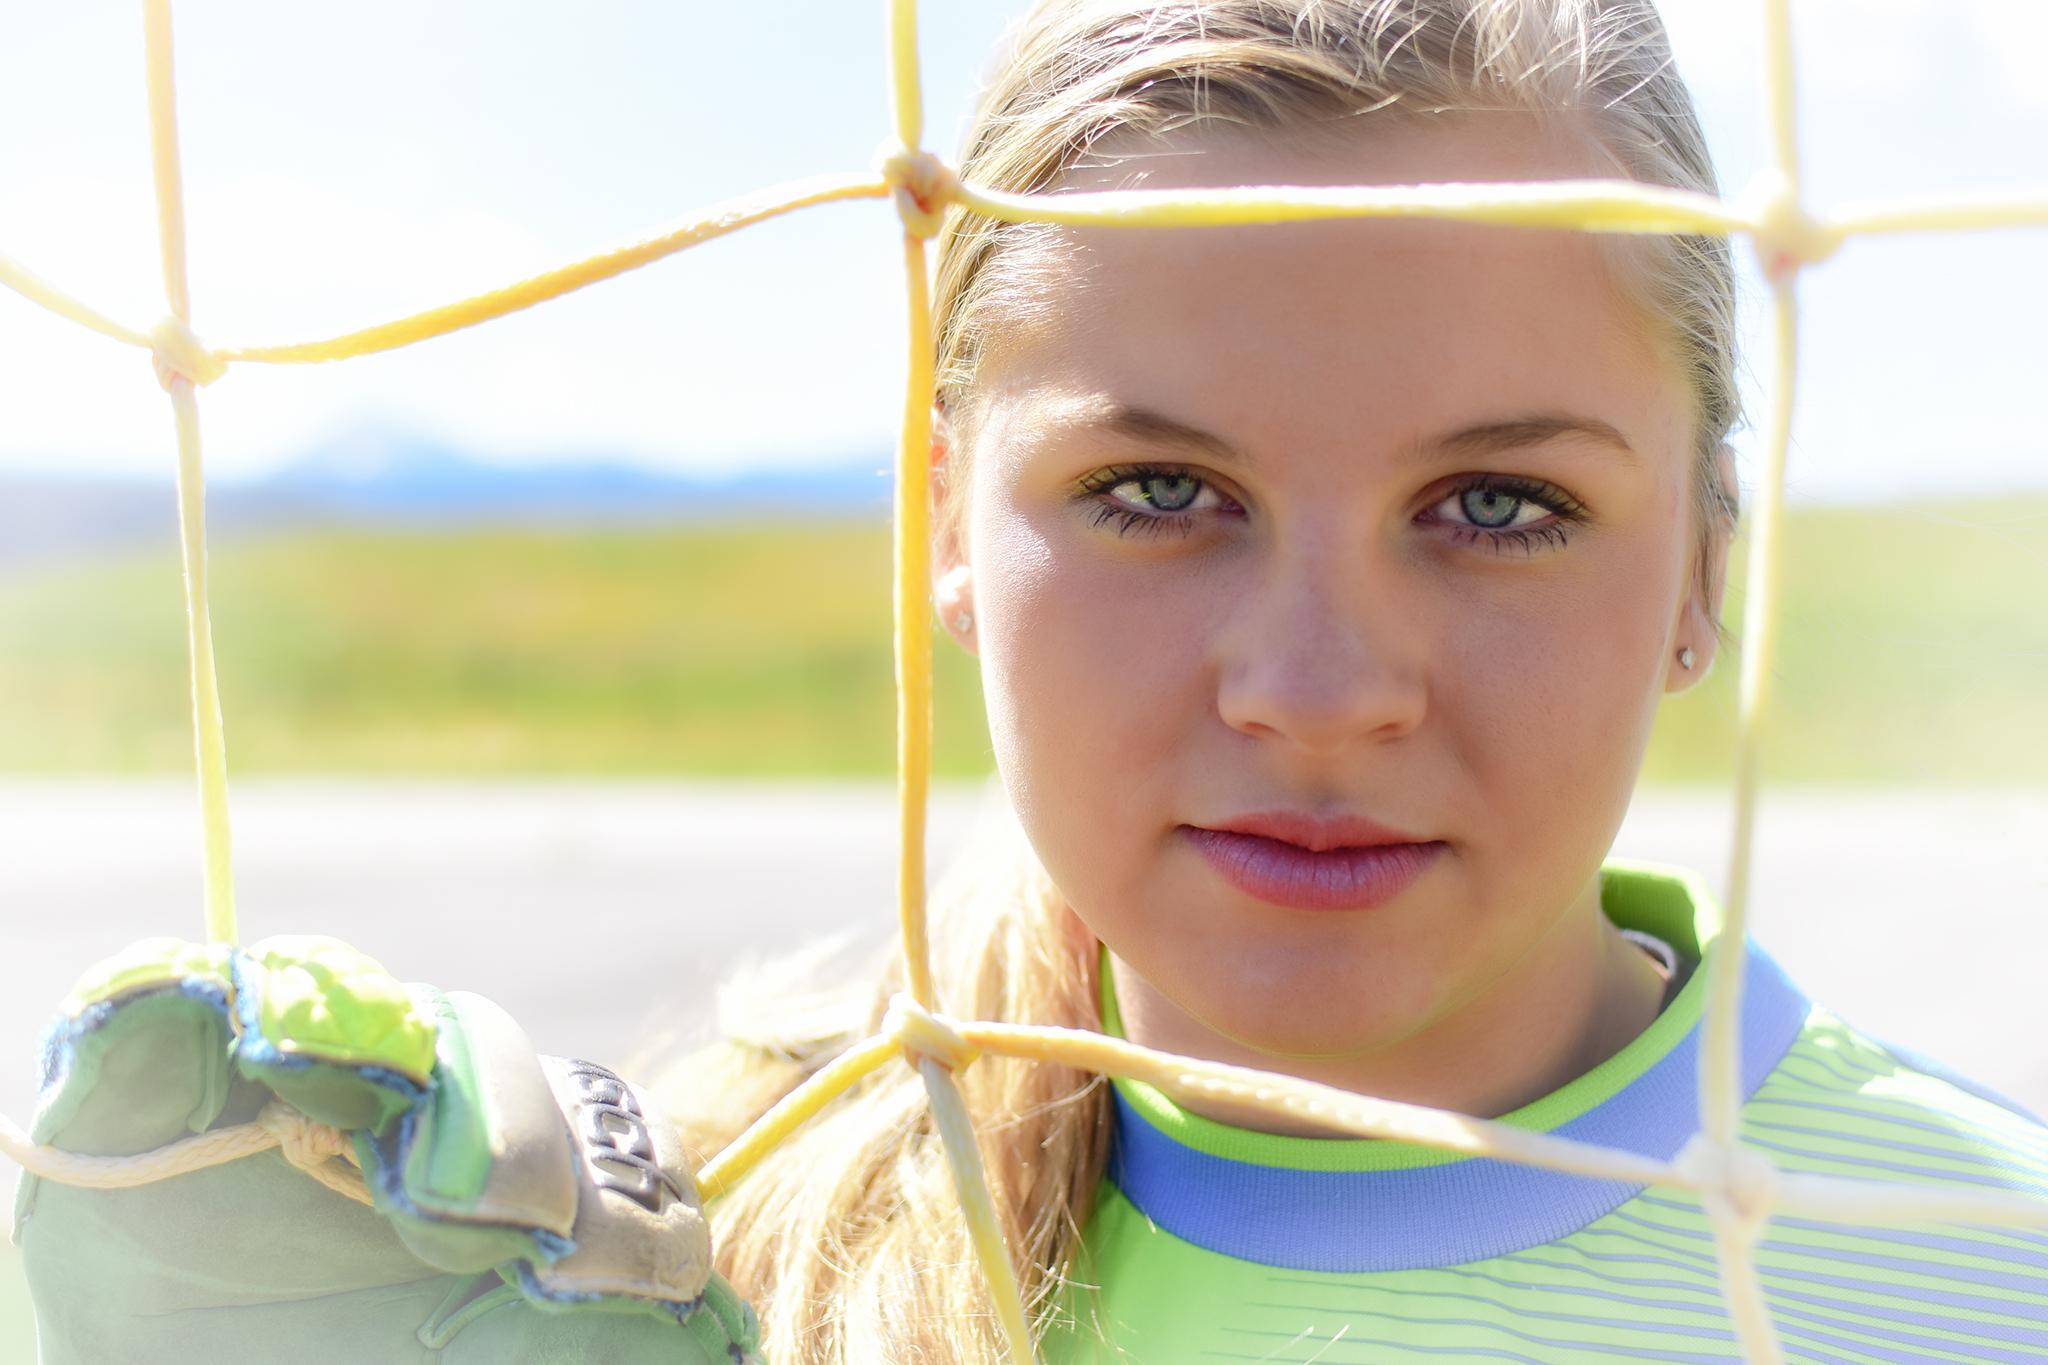 Senior Portraits Bridgett Thompson 2015 6190sa.jpg